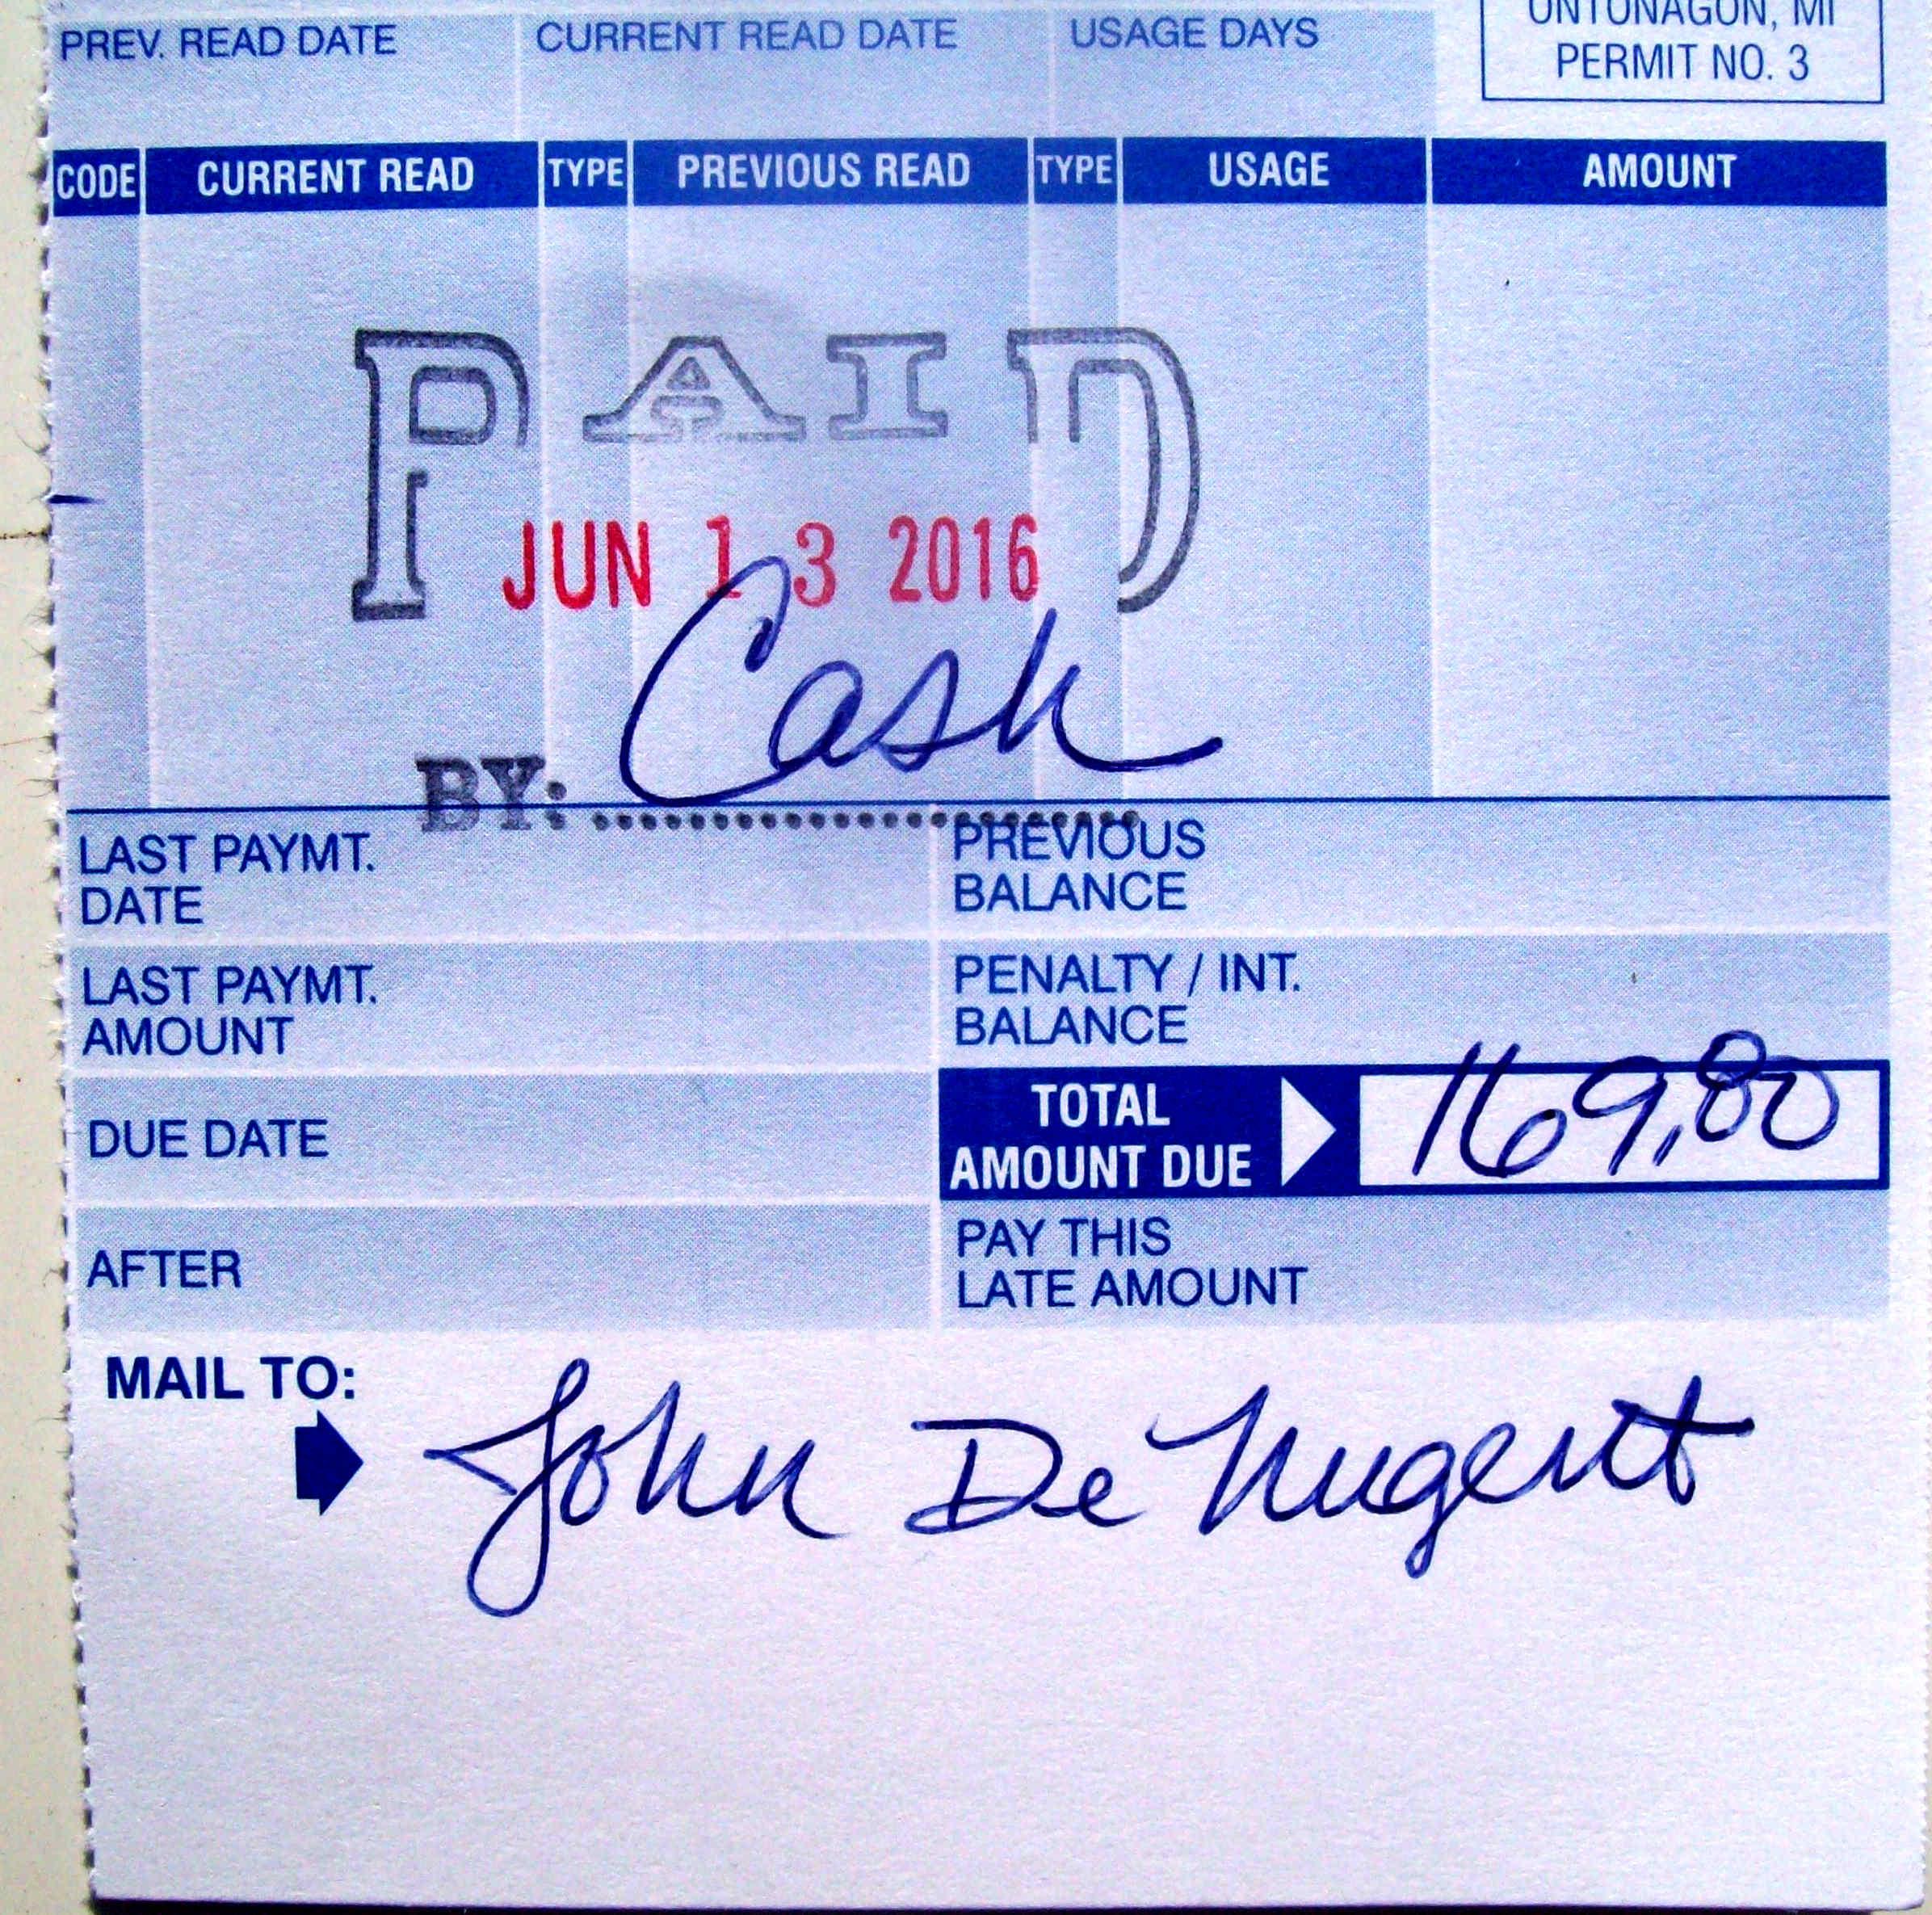 water-bill-paid-ontonagon – John de Nugent